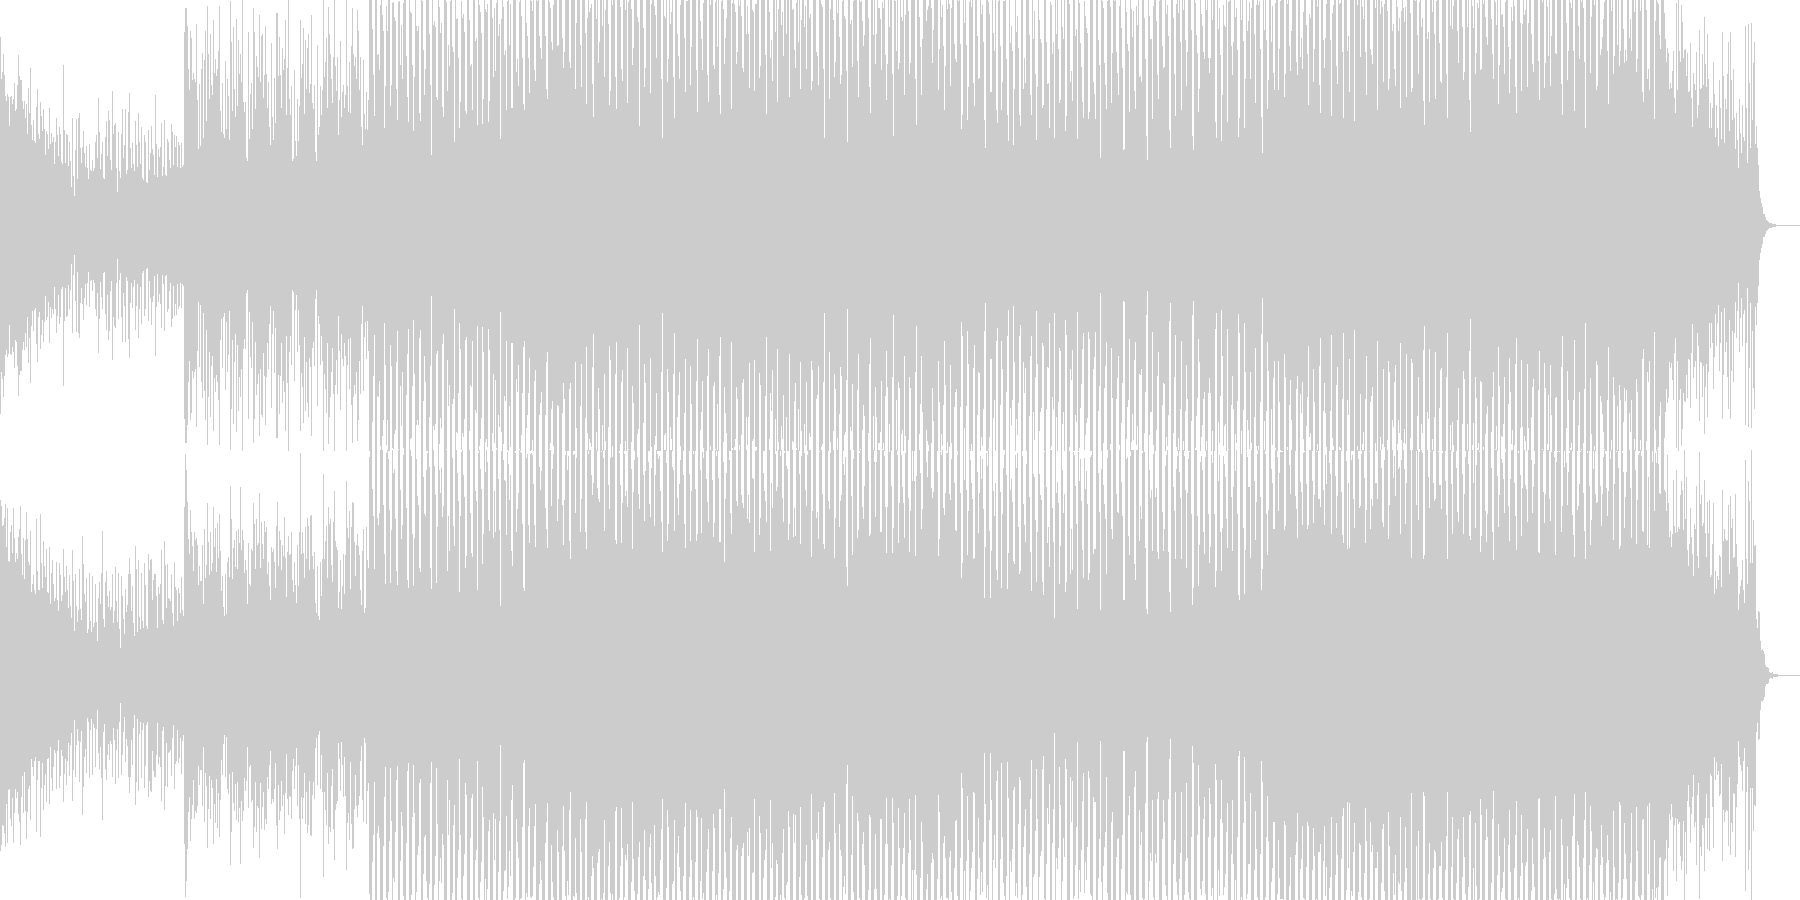 ニュース映像ナレーションバック向け-21の未再生の波形